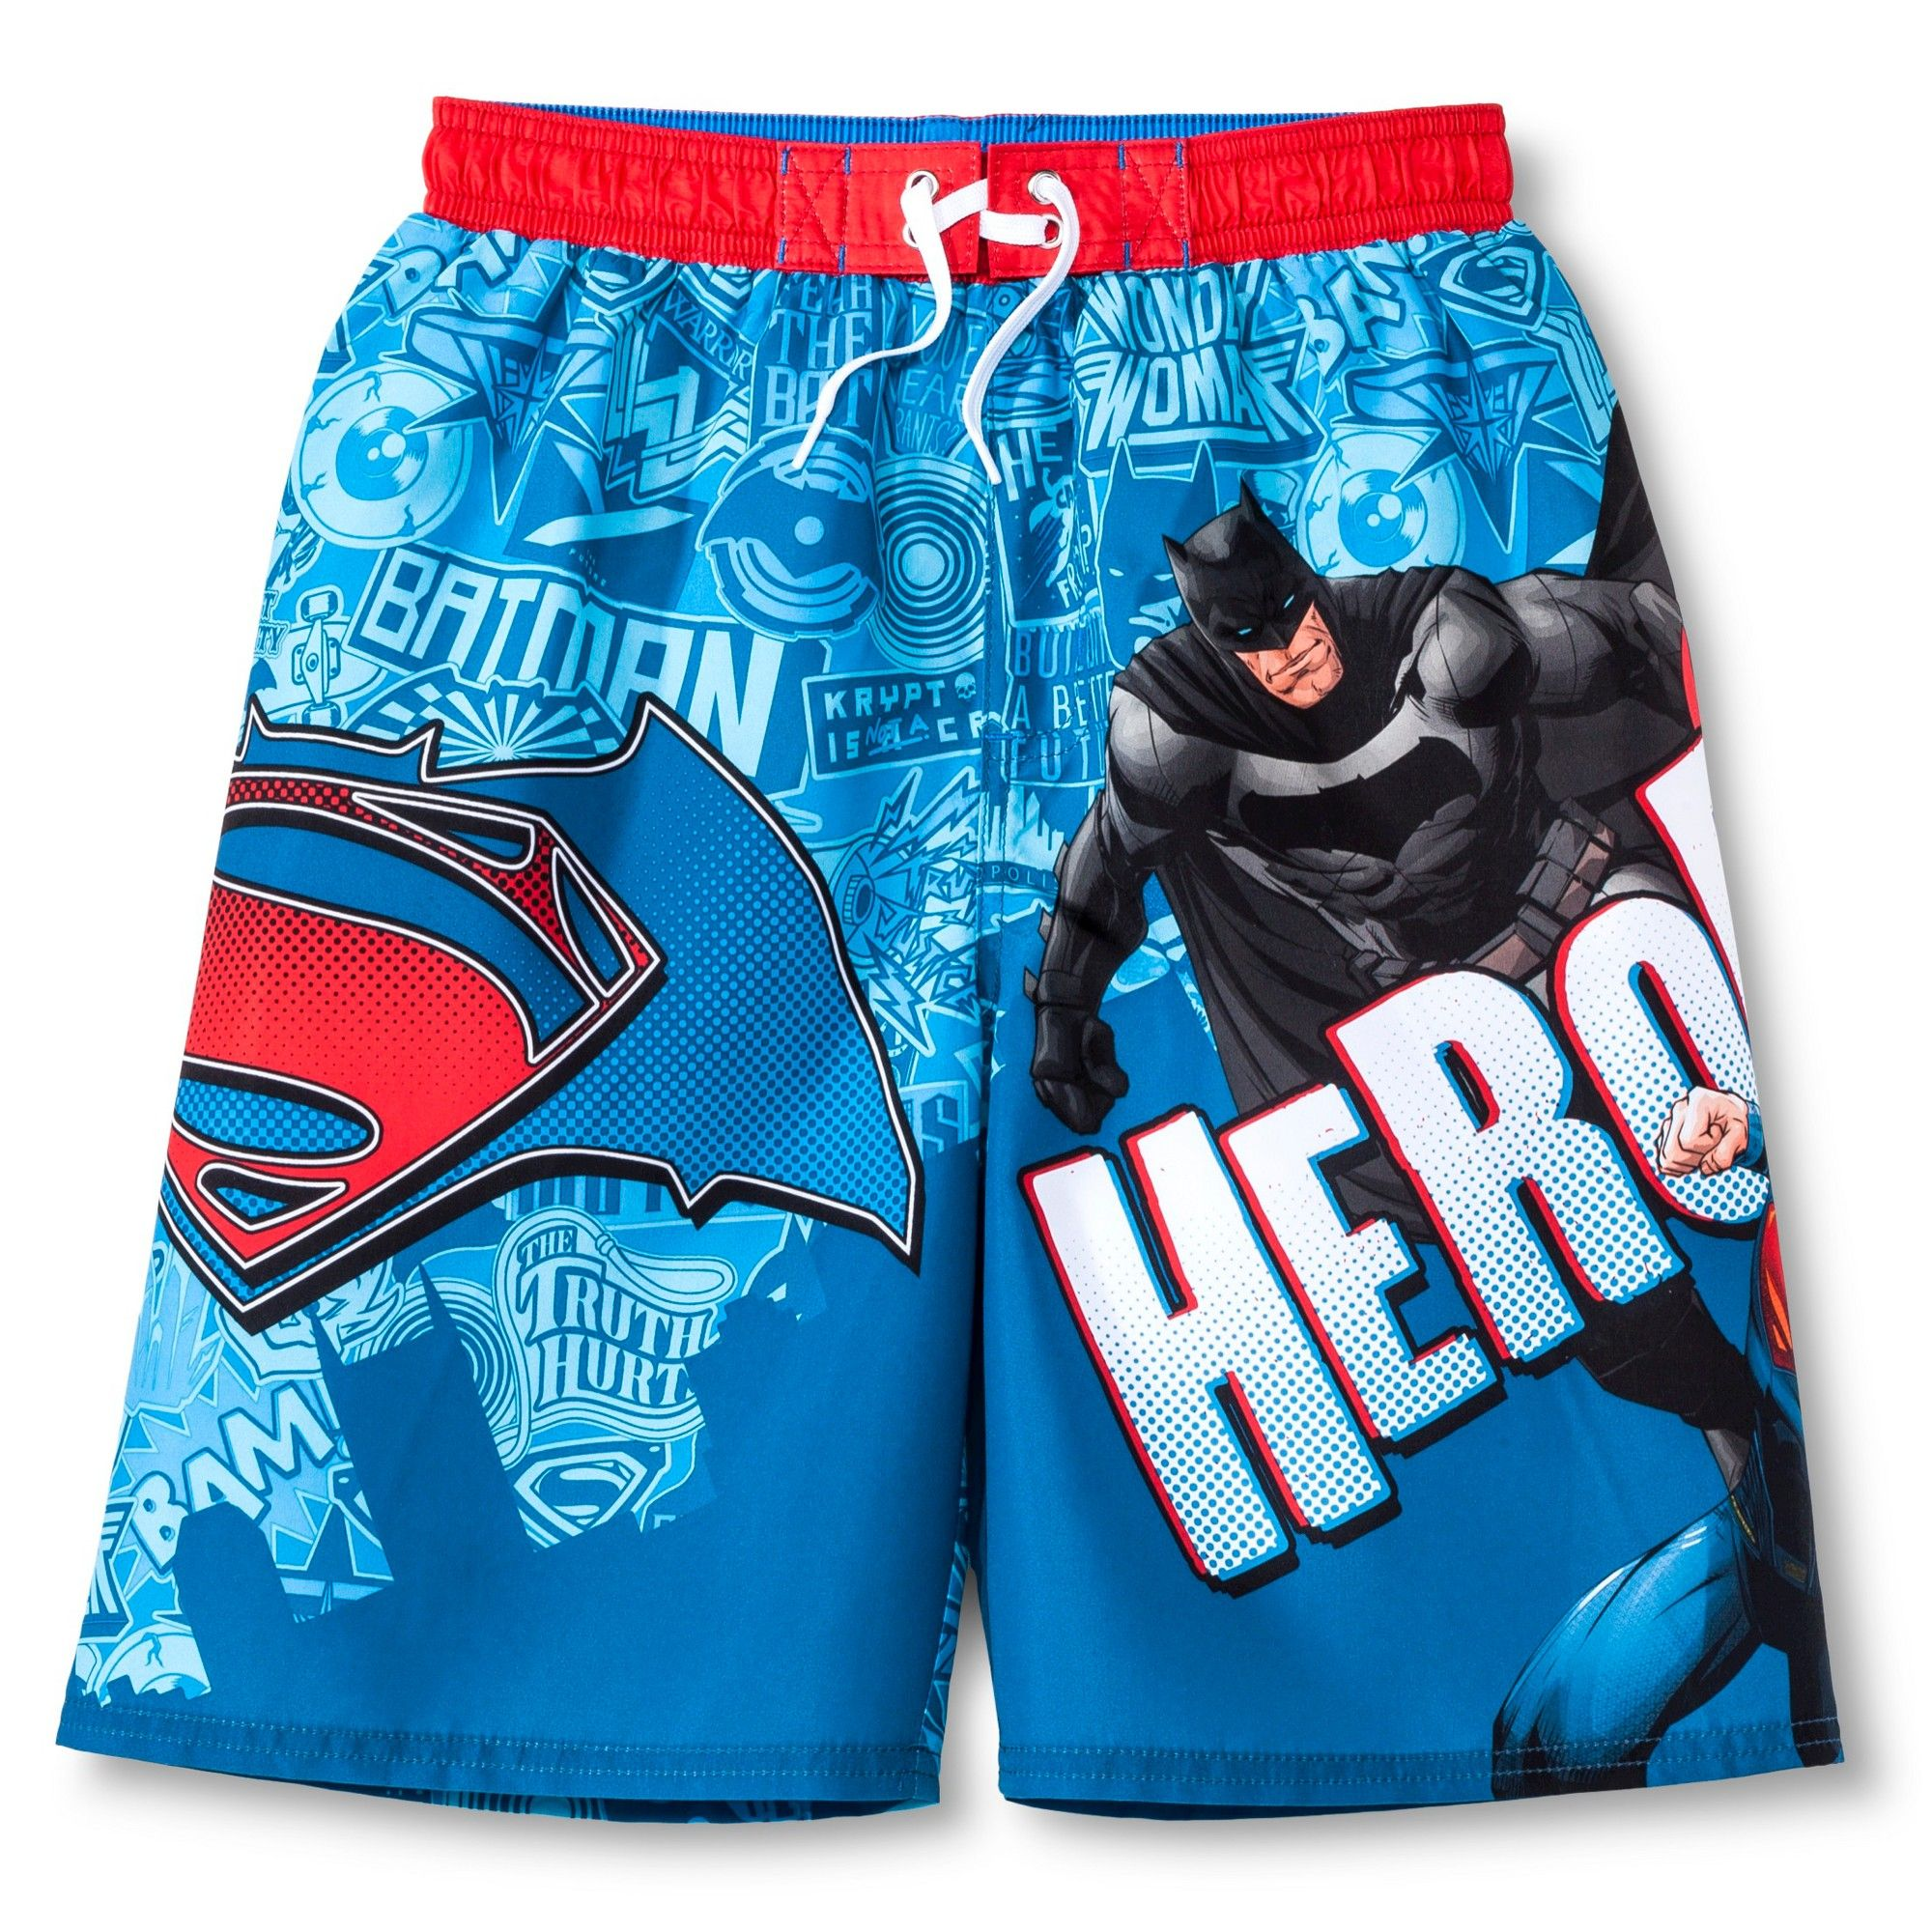 2c2f6cb798 Boys' Batman vs. Superman Swim Trunk - XS, Multicolored | Products